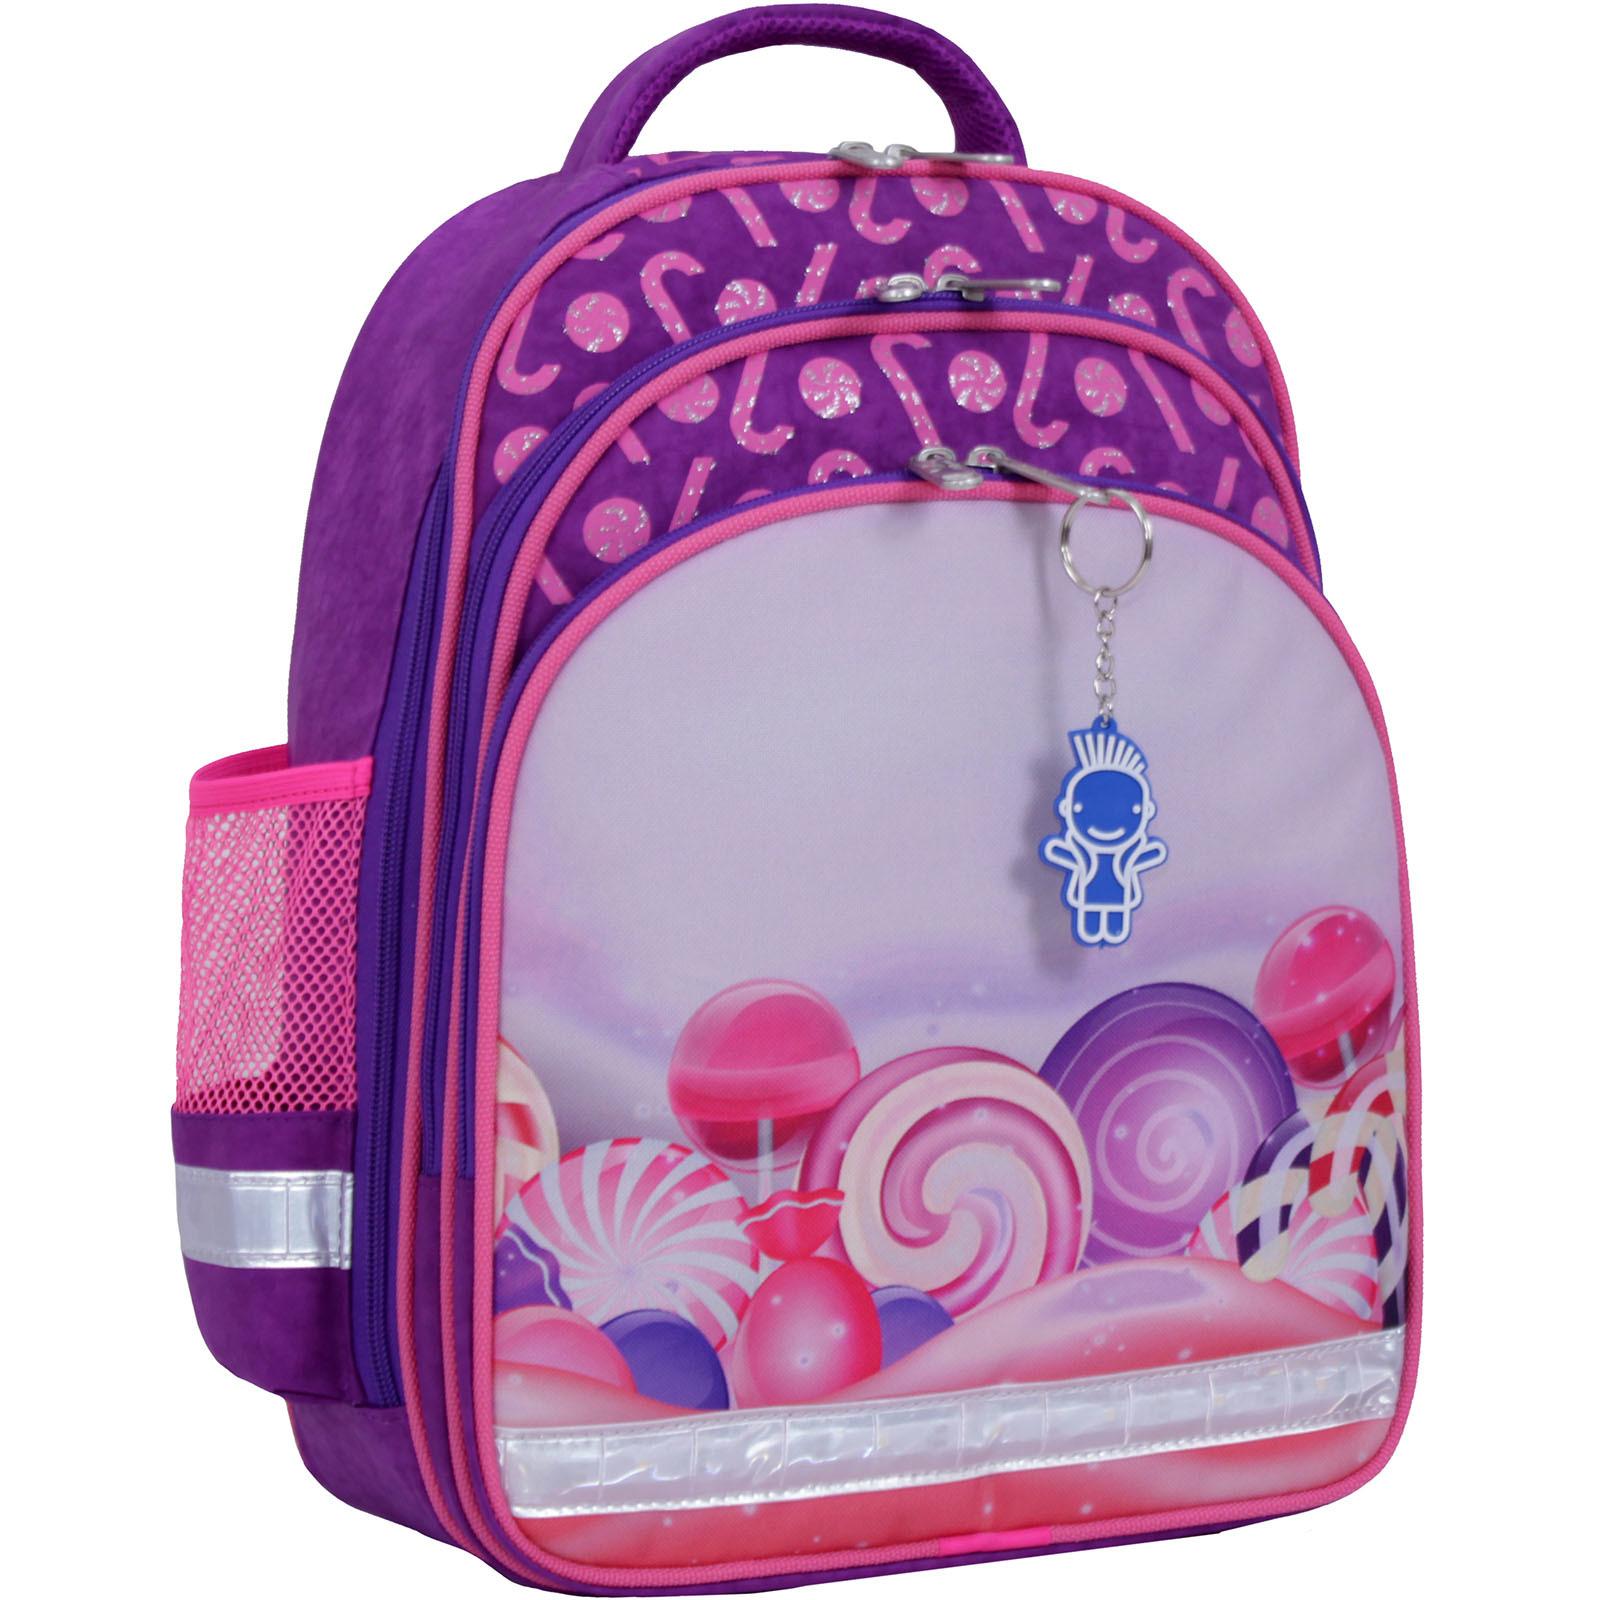 Рюкзак школьный Bagland Mouse 339 фиолетовый 409 (0051370) фото 6